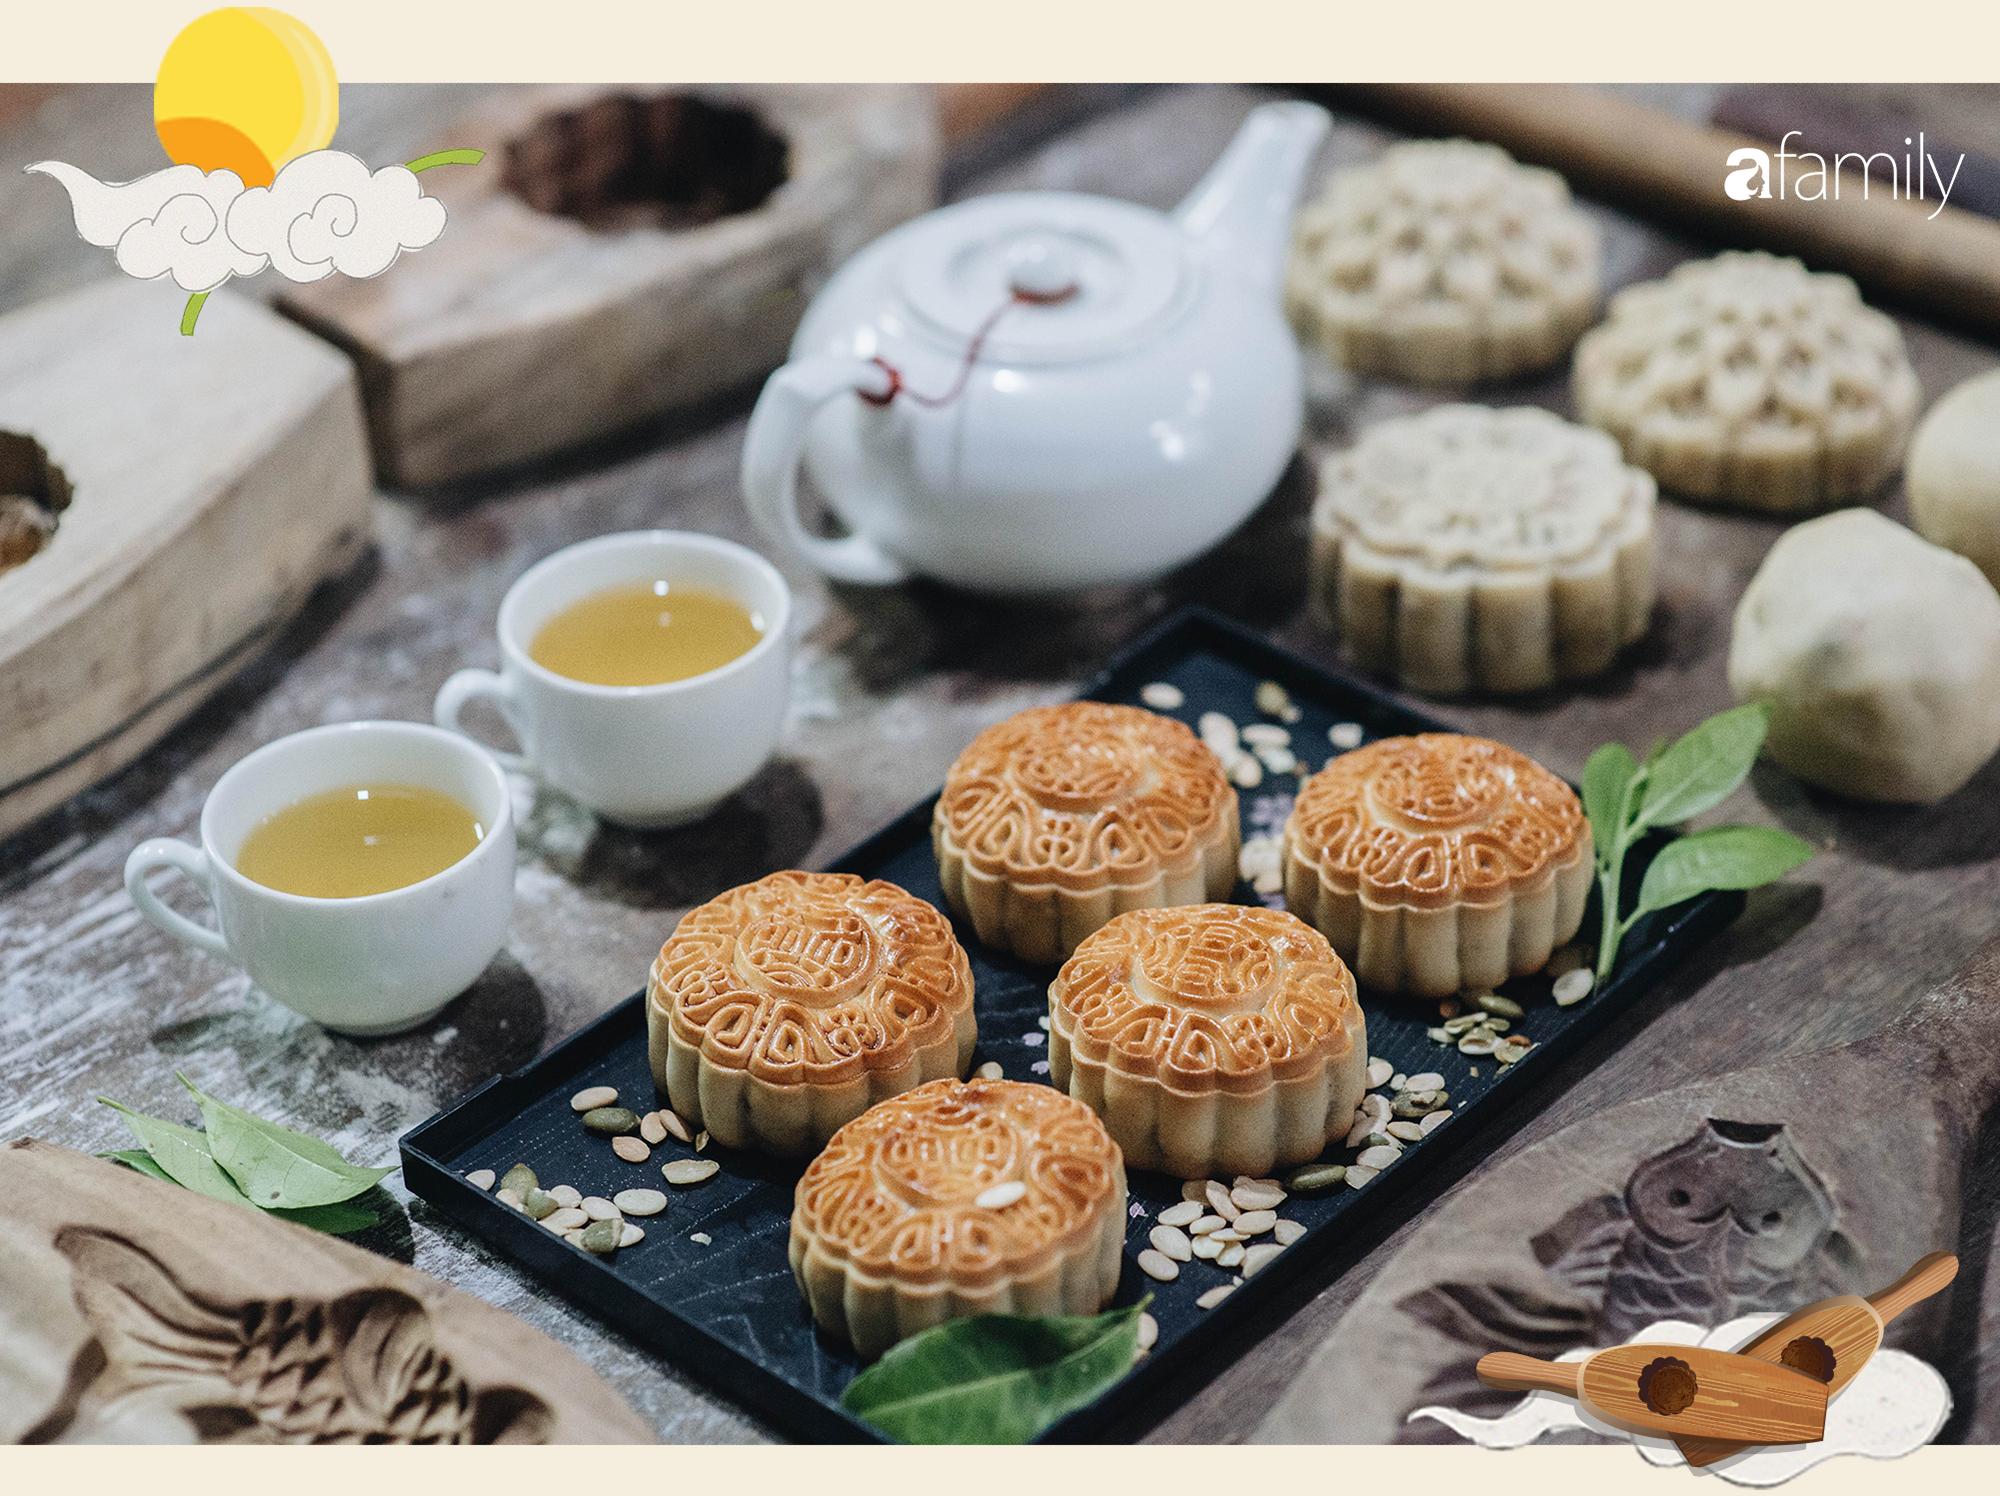 Hậu duệ đời thứ 4 của gia tộc hơn 100 năm làm bánh Trung thu đất Hà Thành: Nếu ăn chơi có thể thử 'của lạ', nhưng muốn nhớ lâu hãy quay về truyền thống - Ảnh 12.